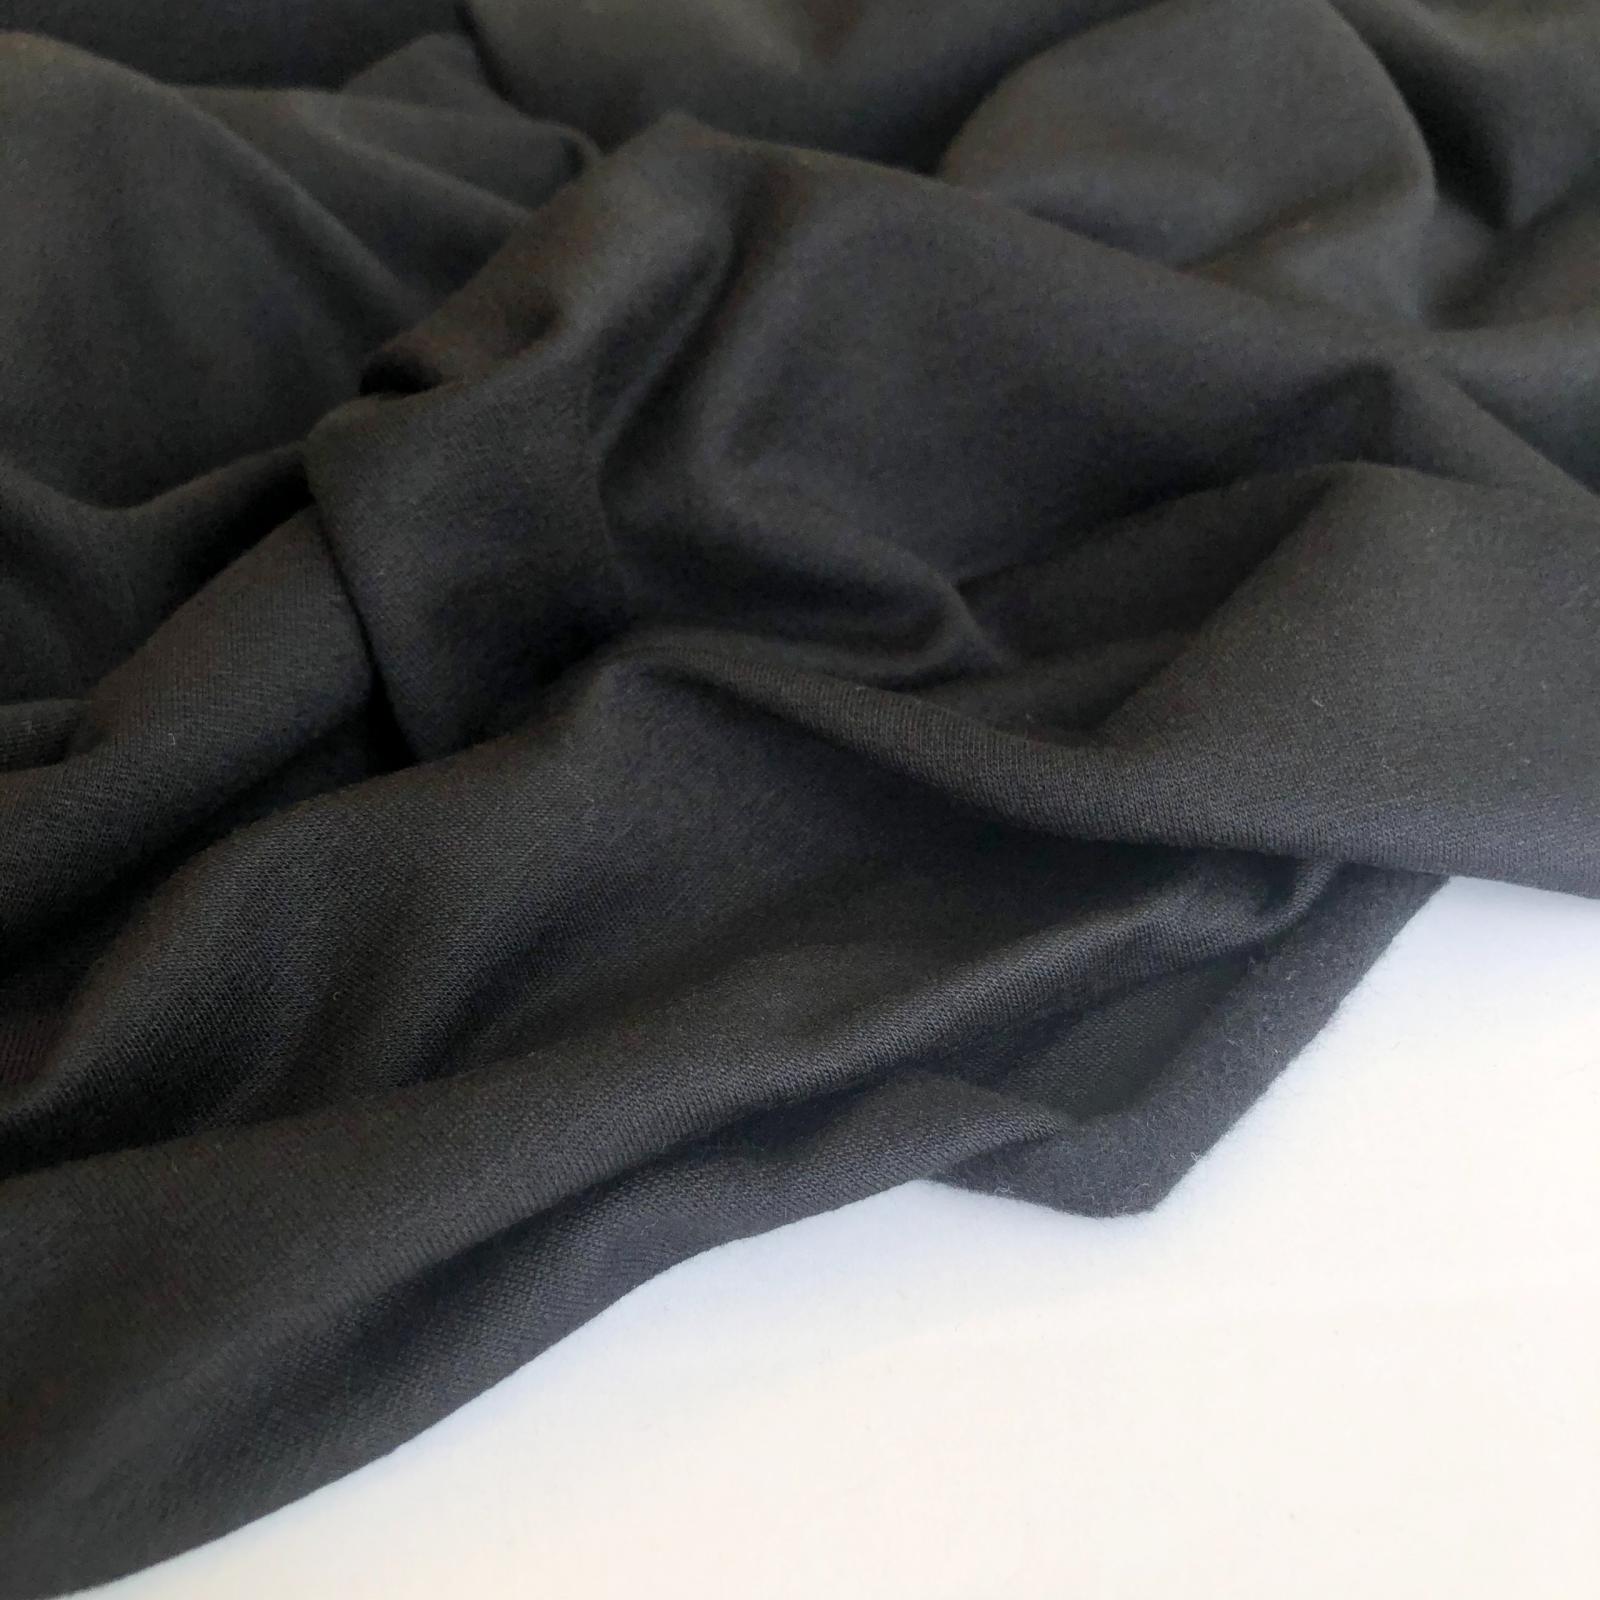 Rayon/Lycra 10 oz Sweatshirt Fleece - Black